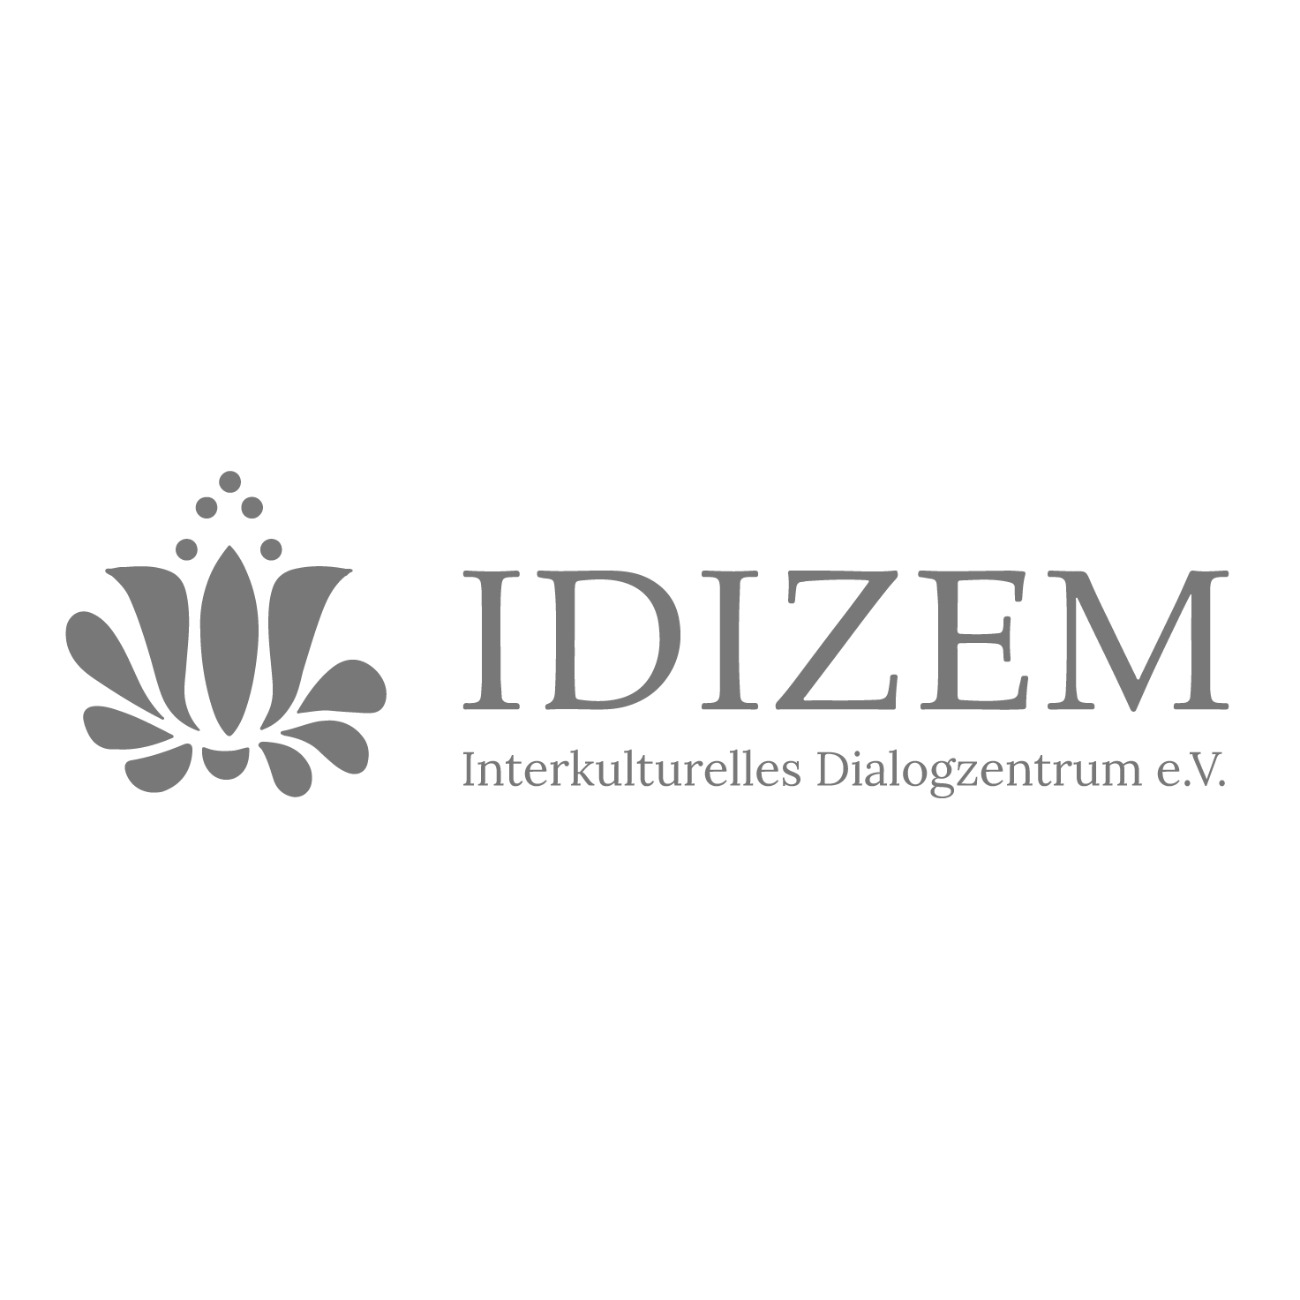 idizem logo